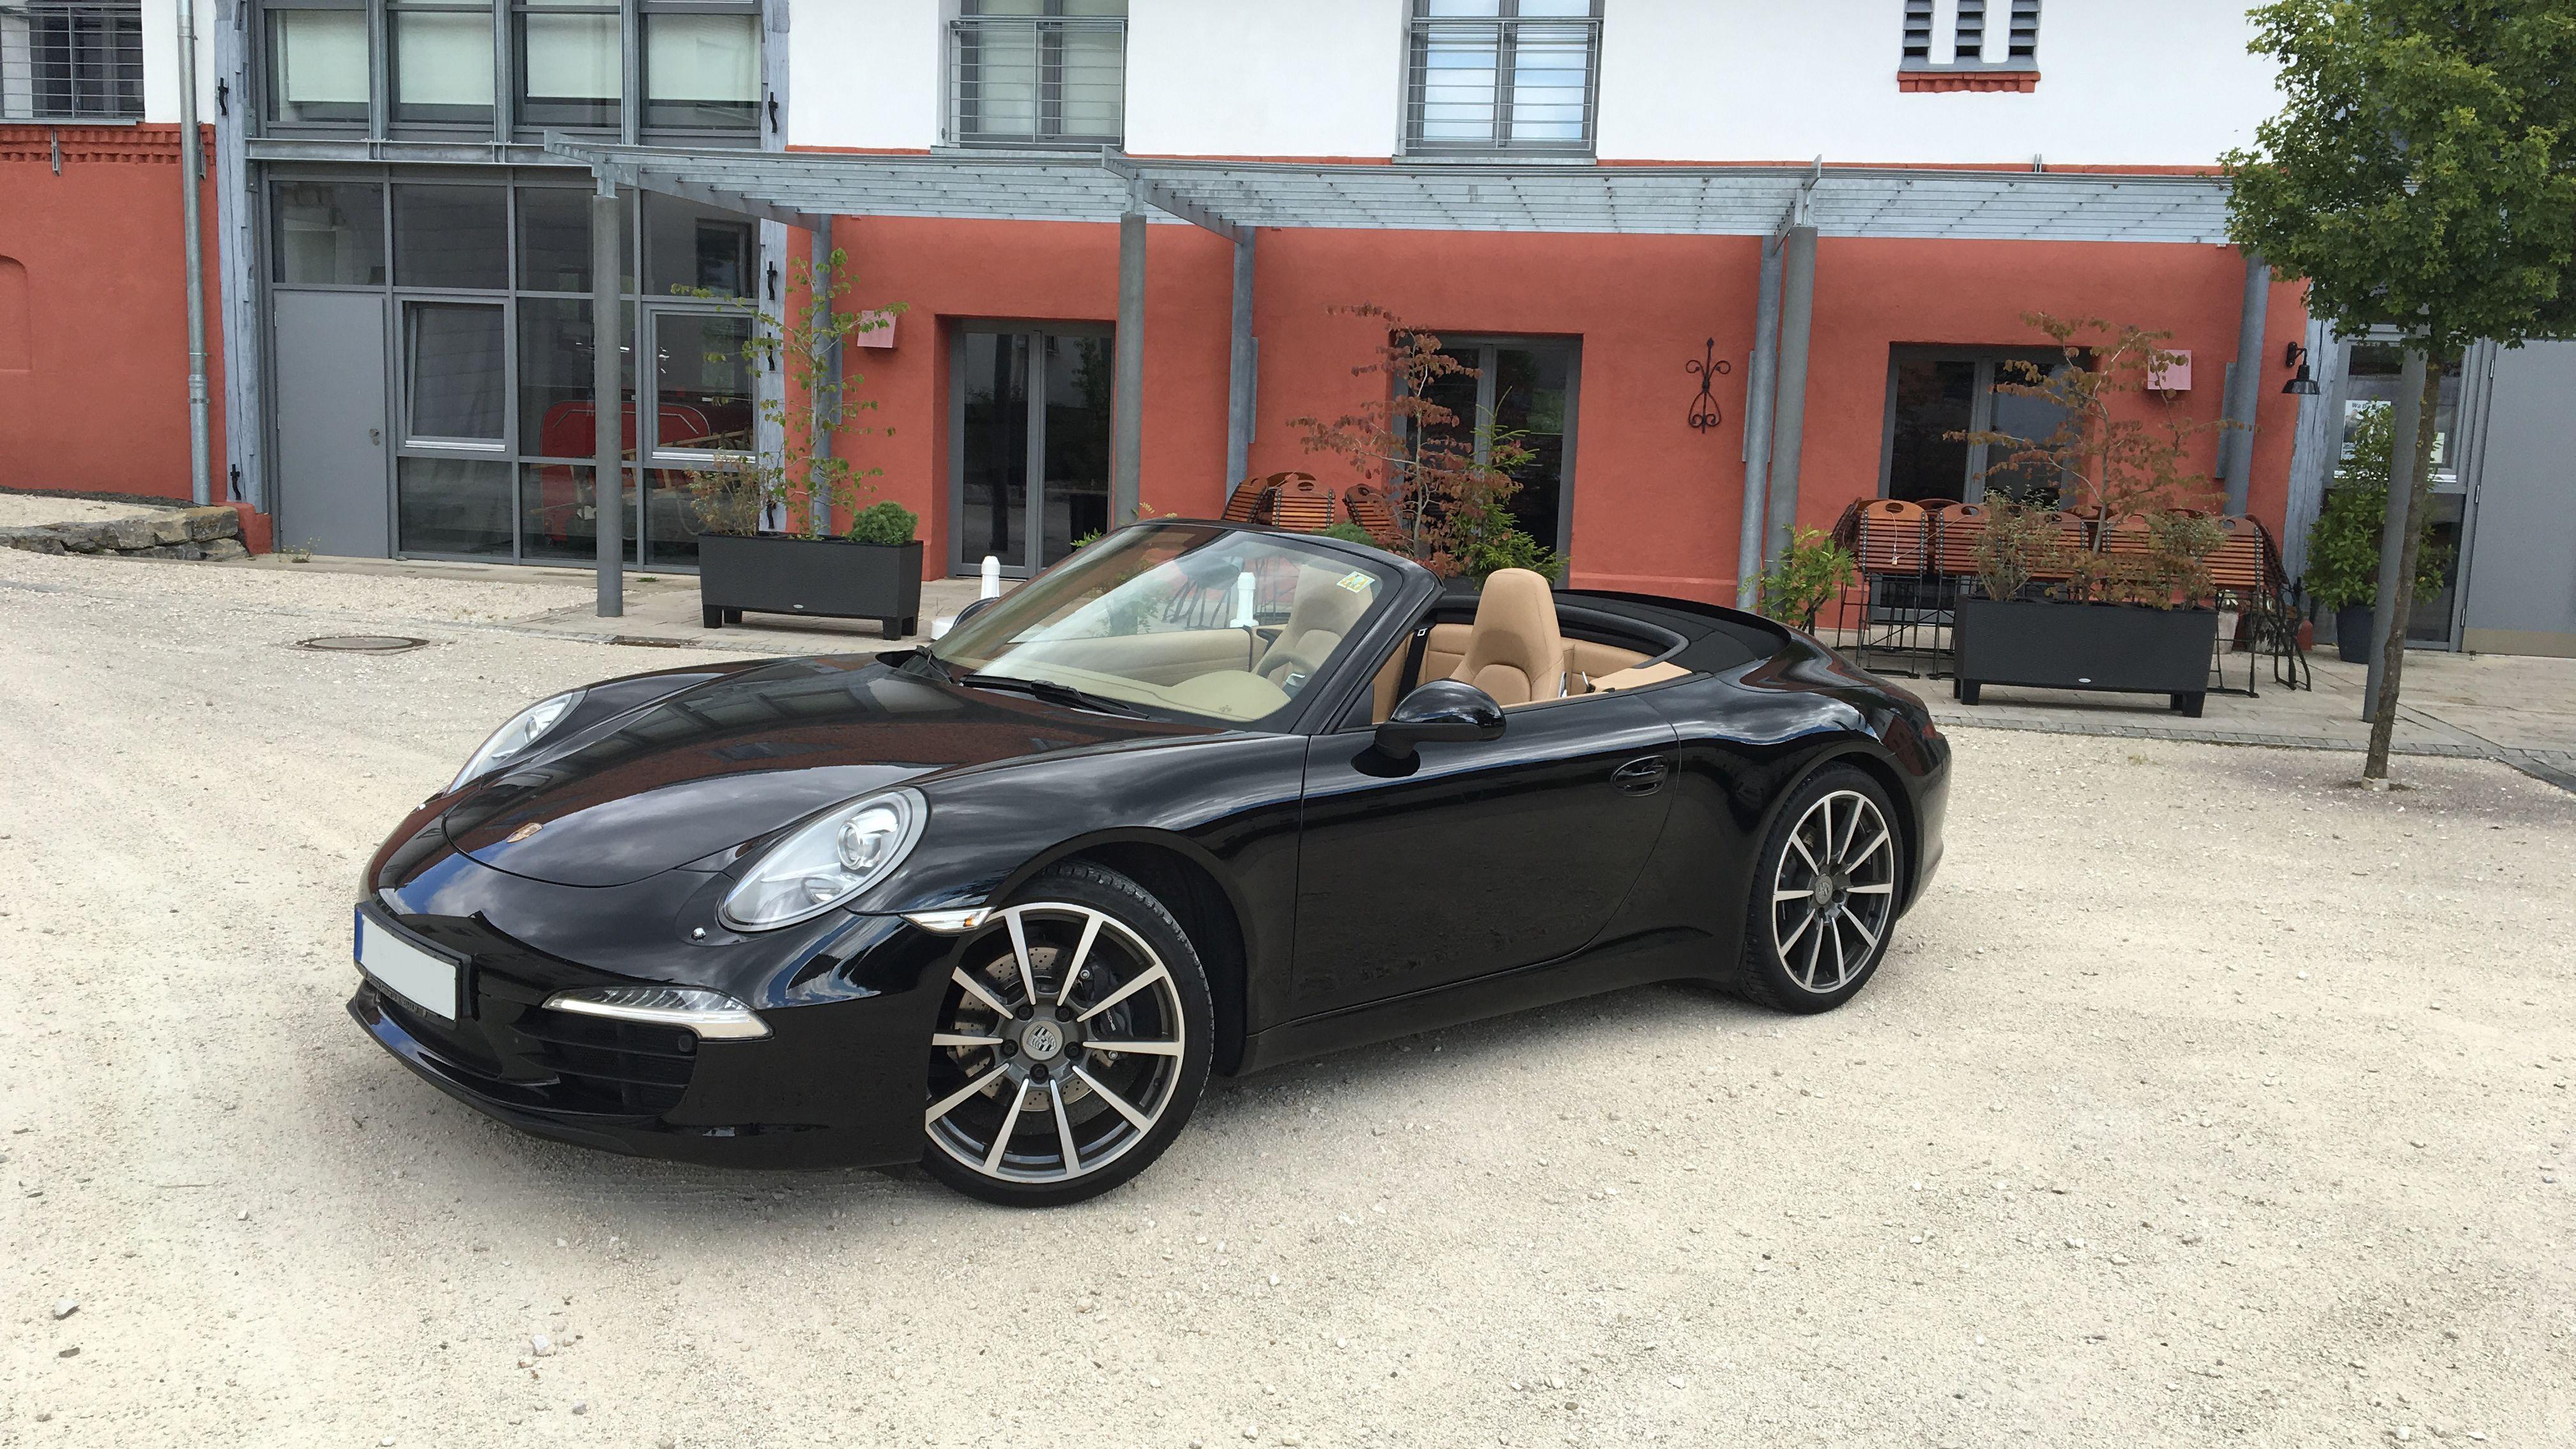 Porsche 991 4 2014 Starting From 270 Day Rent It In Frankfurt Or Munich Porsche Targa 991 Car Auto A Sports Cars Luxury Porsche 911 Carrera 4s Porsche